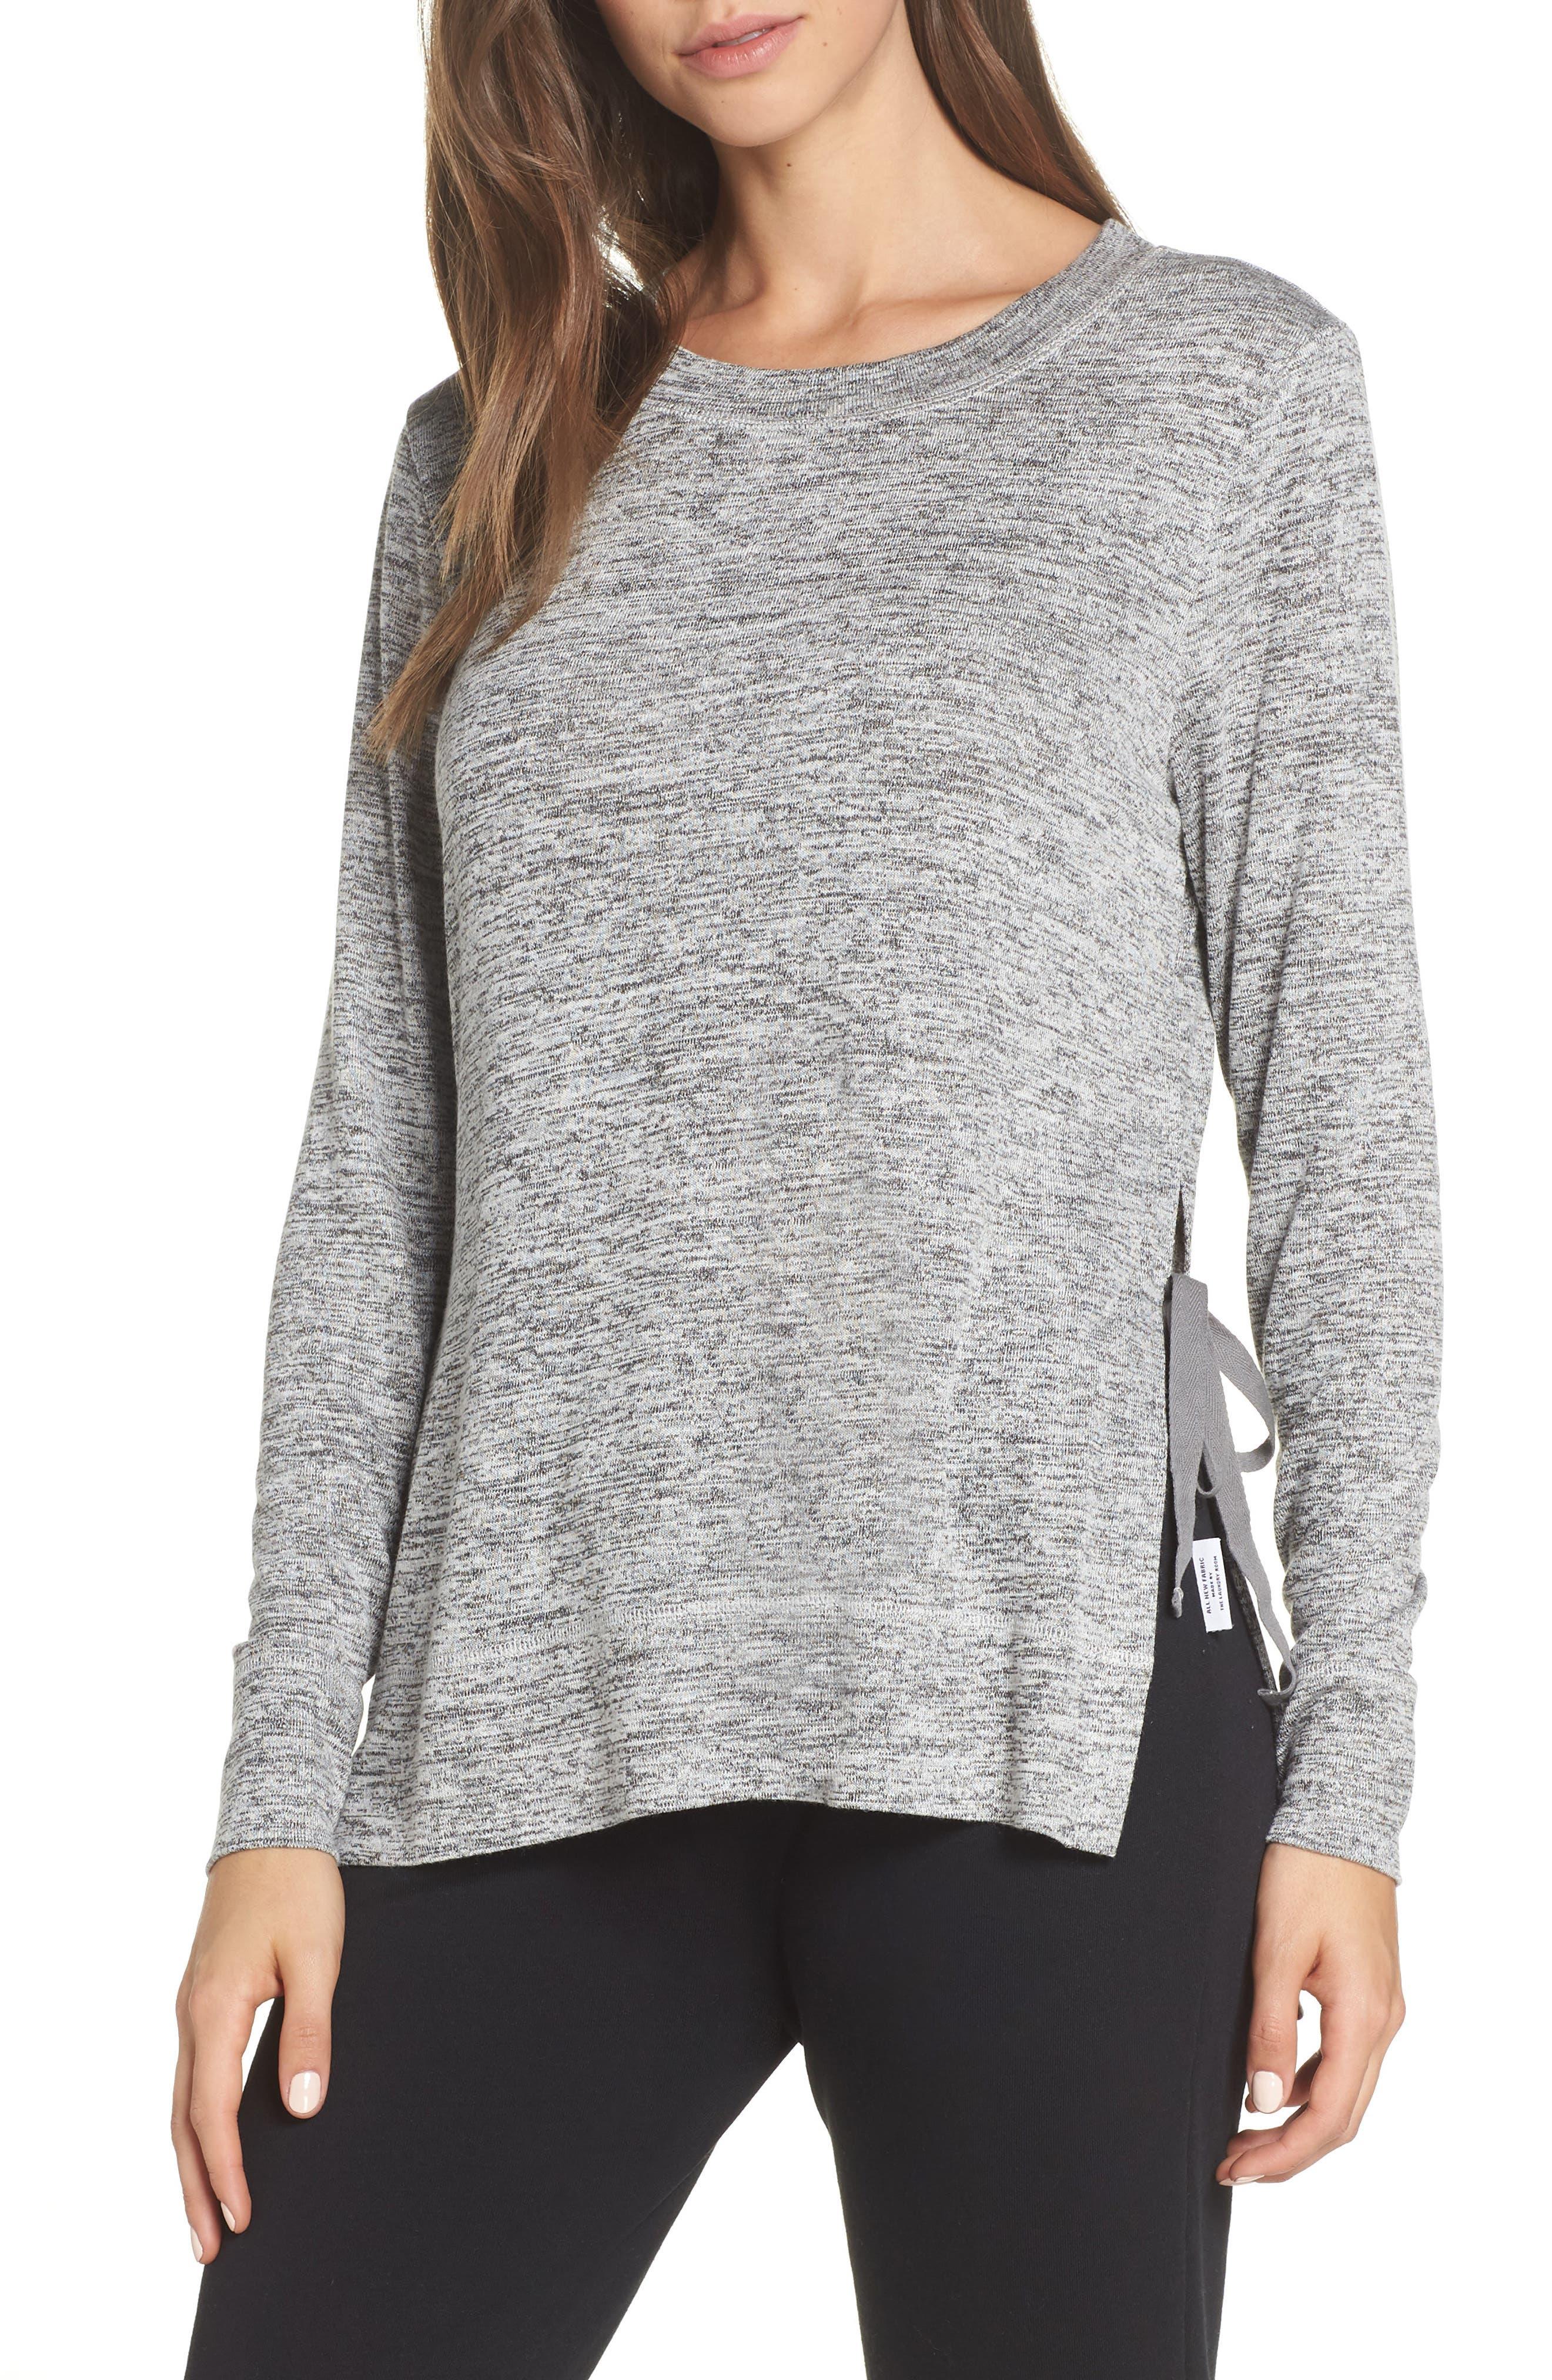 Ugg Quincy Sweatshirt, Grey